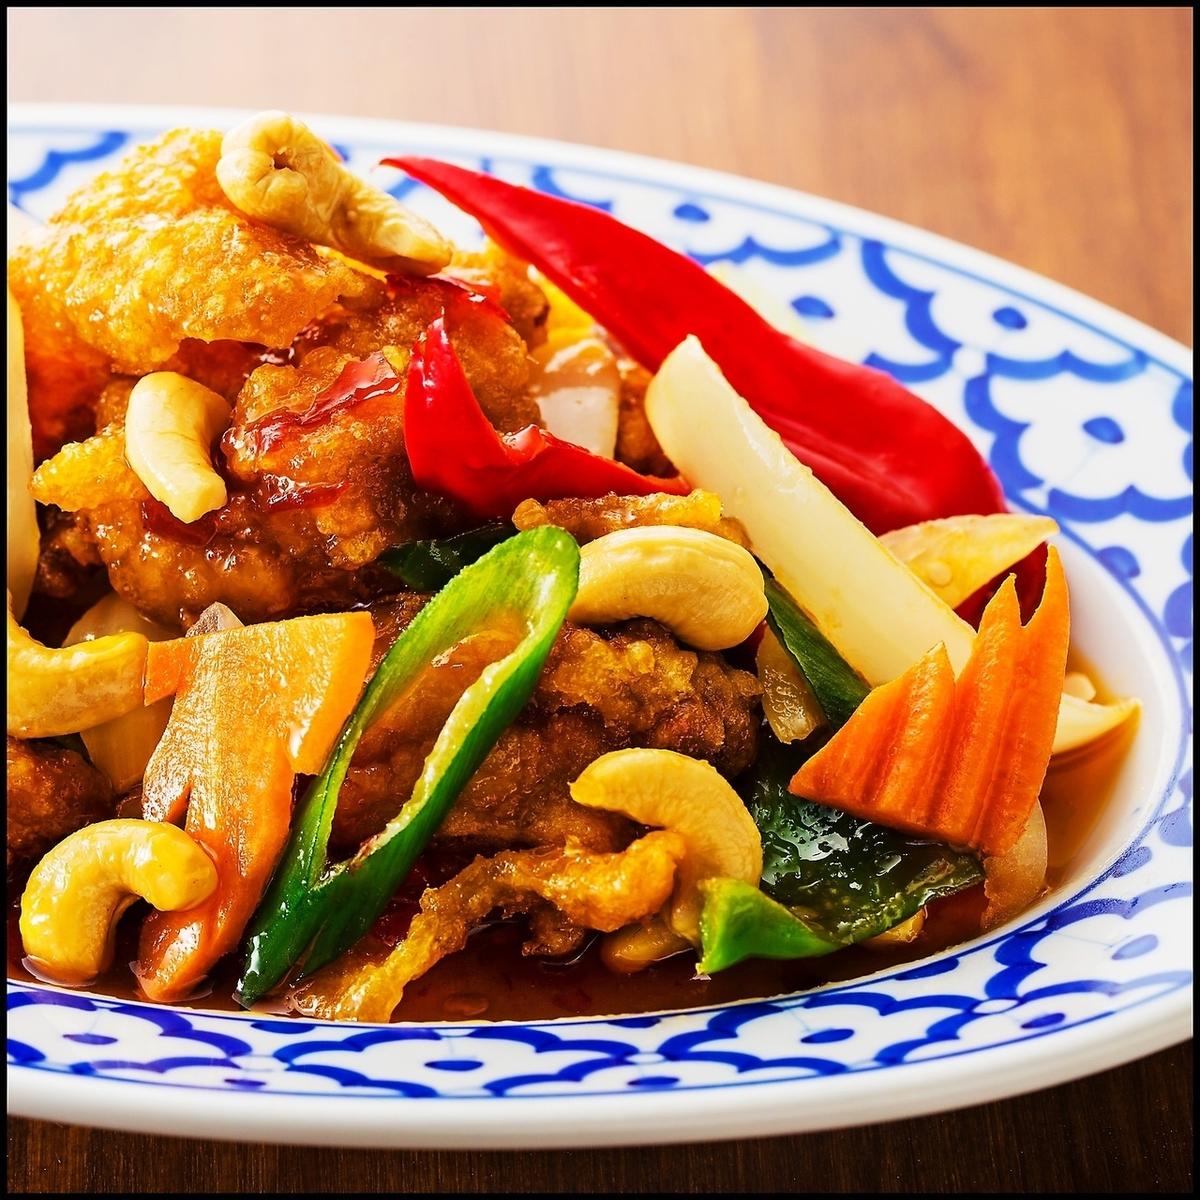 ガイバッドメッドマムァン(鶏肉とカシューナッツの炒め)